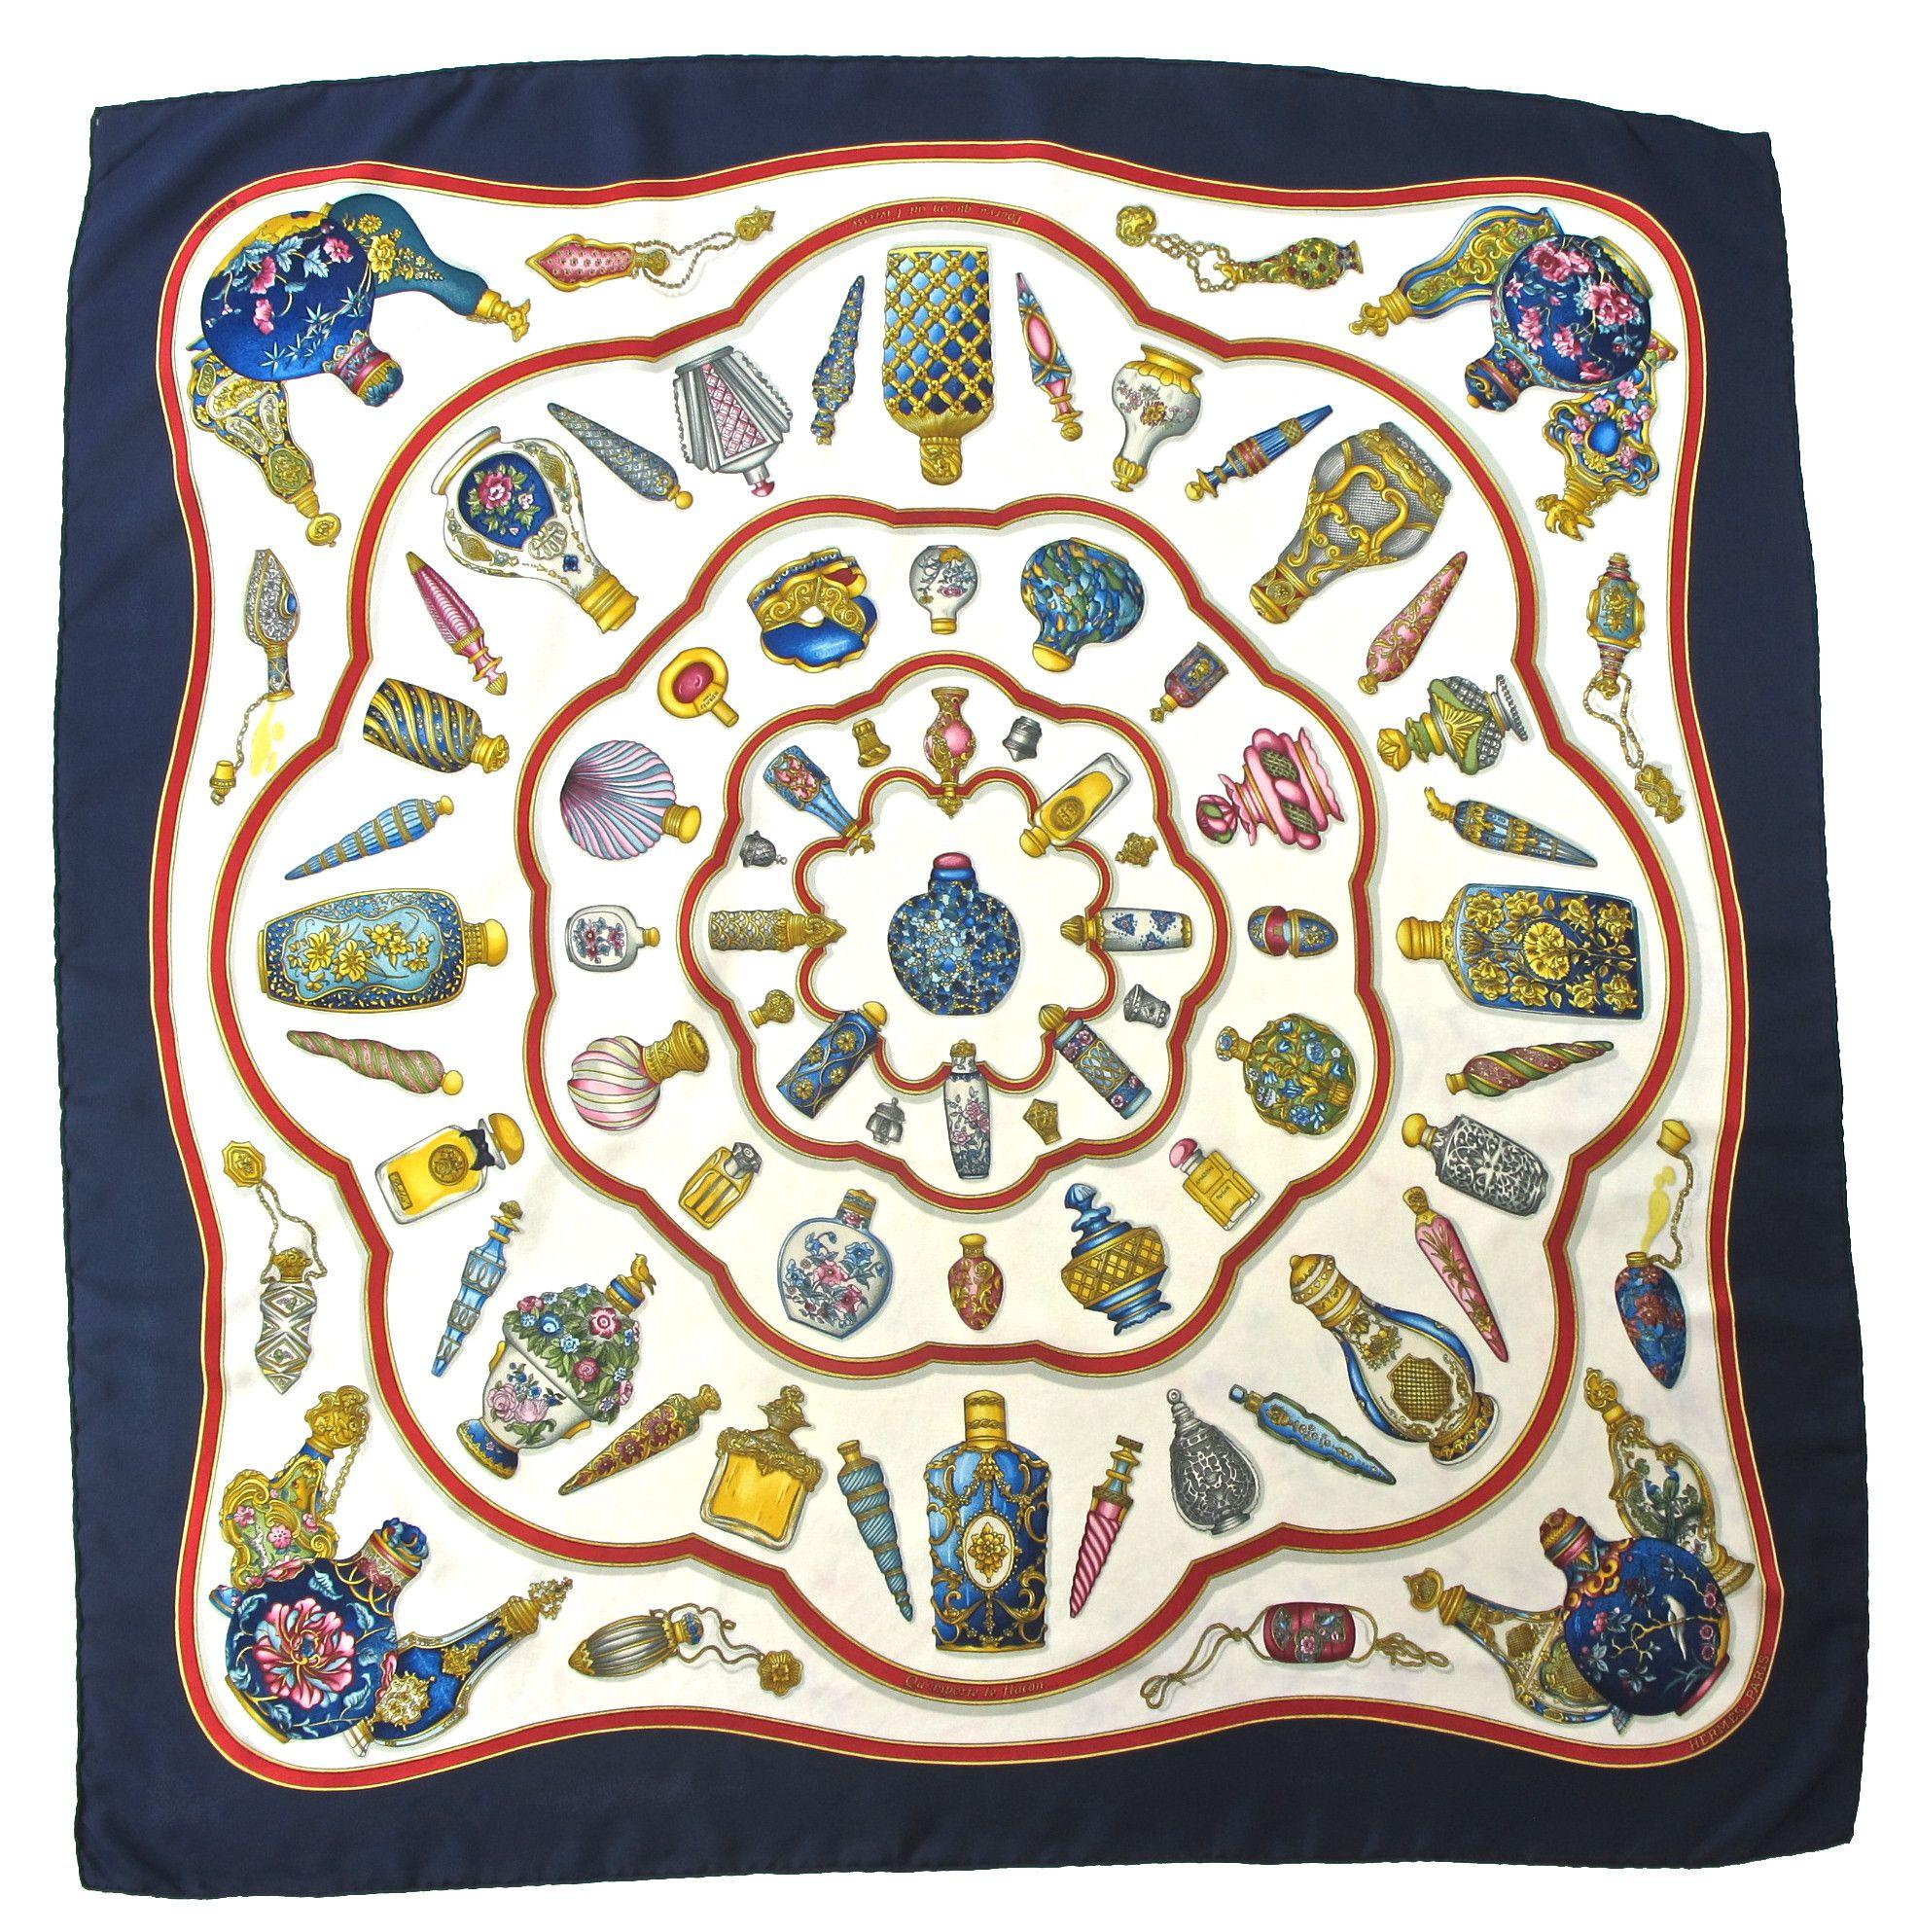 I found this Vintage Hermes Silk Scarf on www.peekaboovintage.com